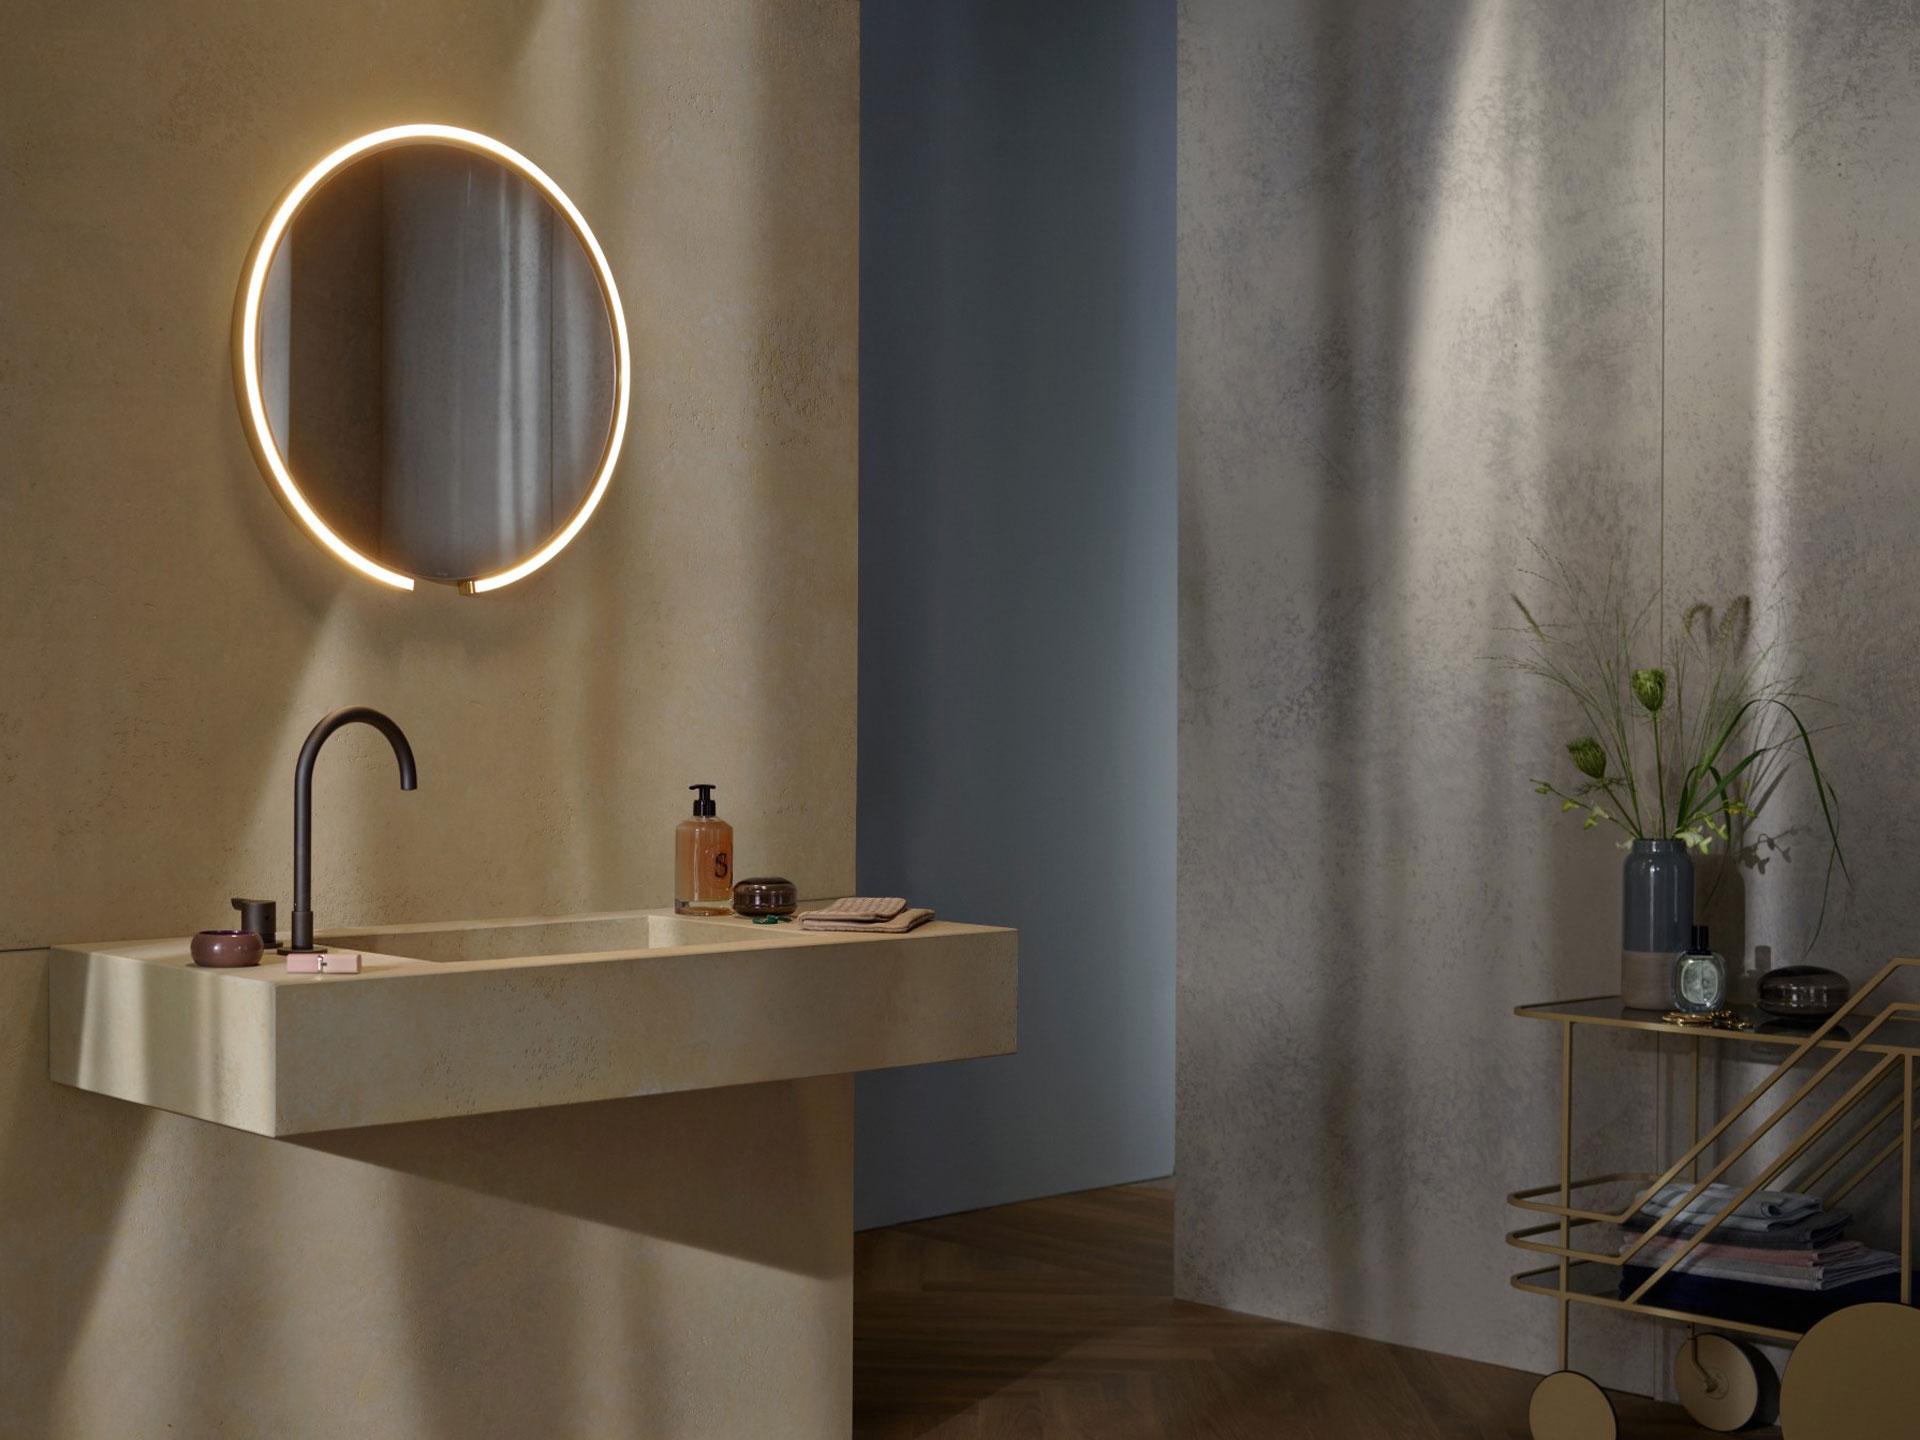 Occhio Mito sfera su Spiegelleuchte über Steinwaschbecken im Badezimmer montiert